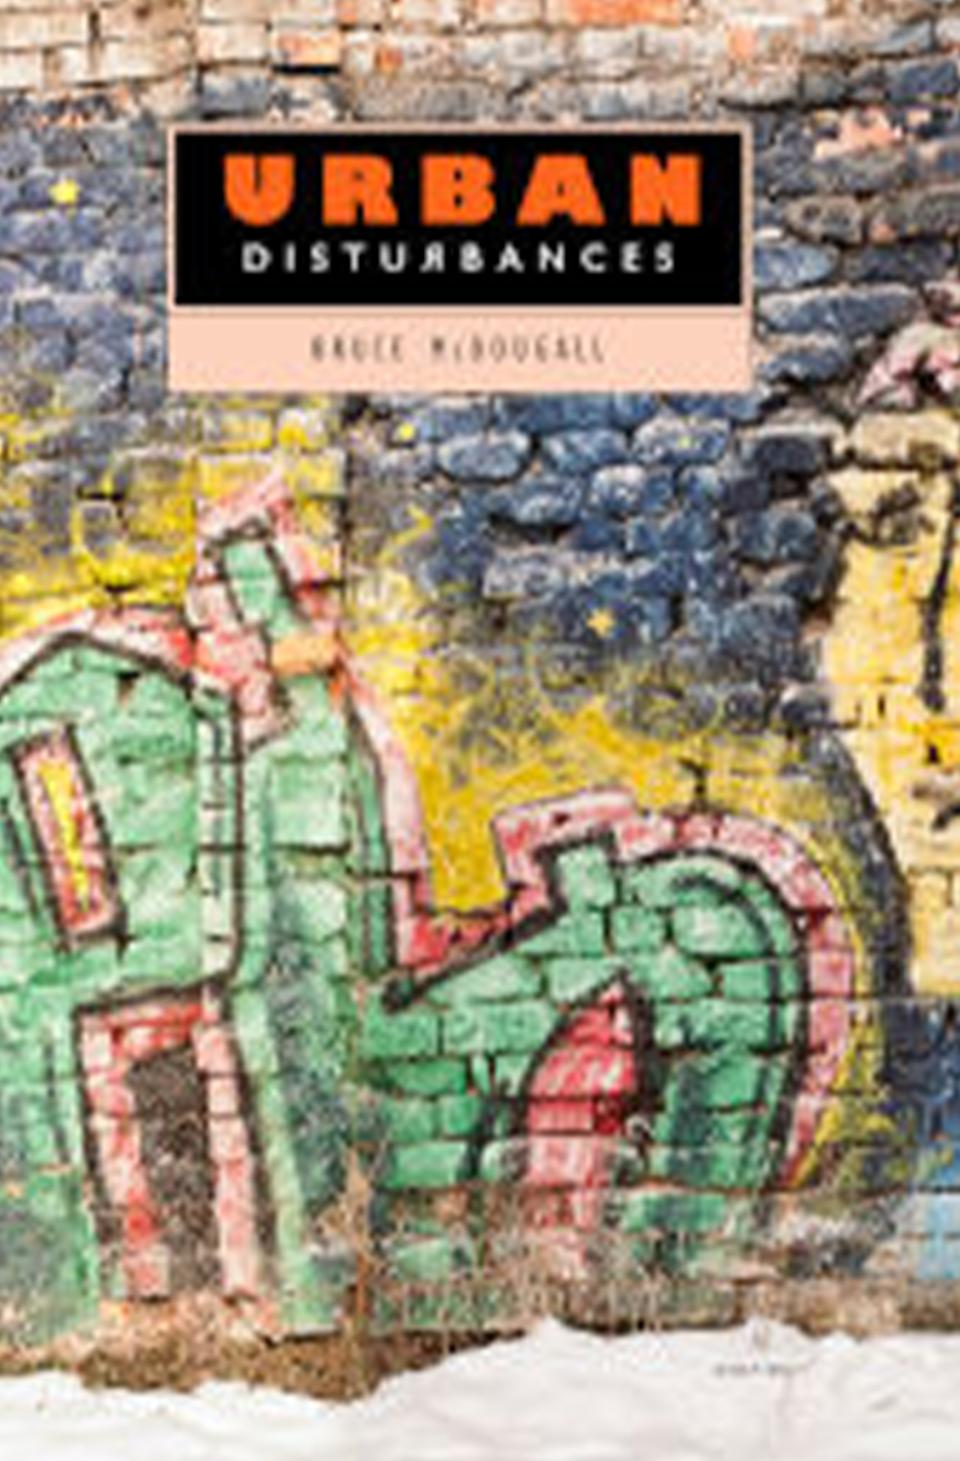 Urban Disturbances by Bruce Fyfe